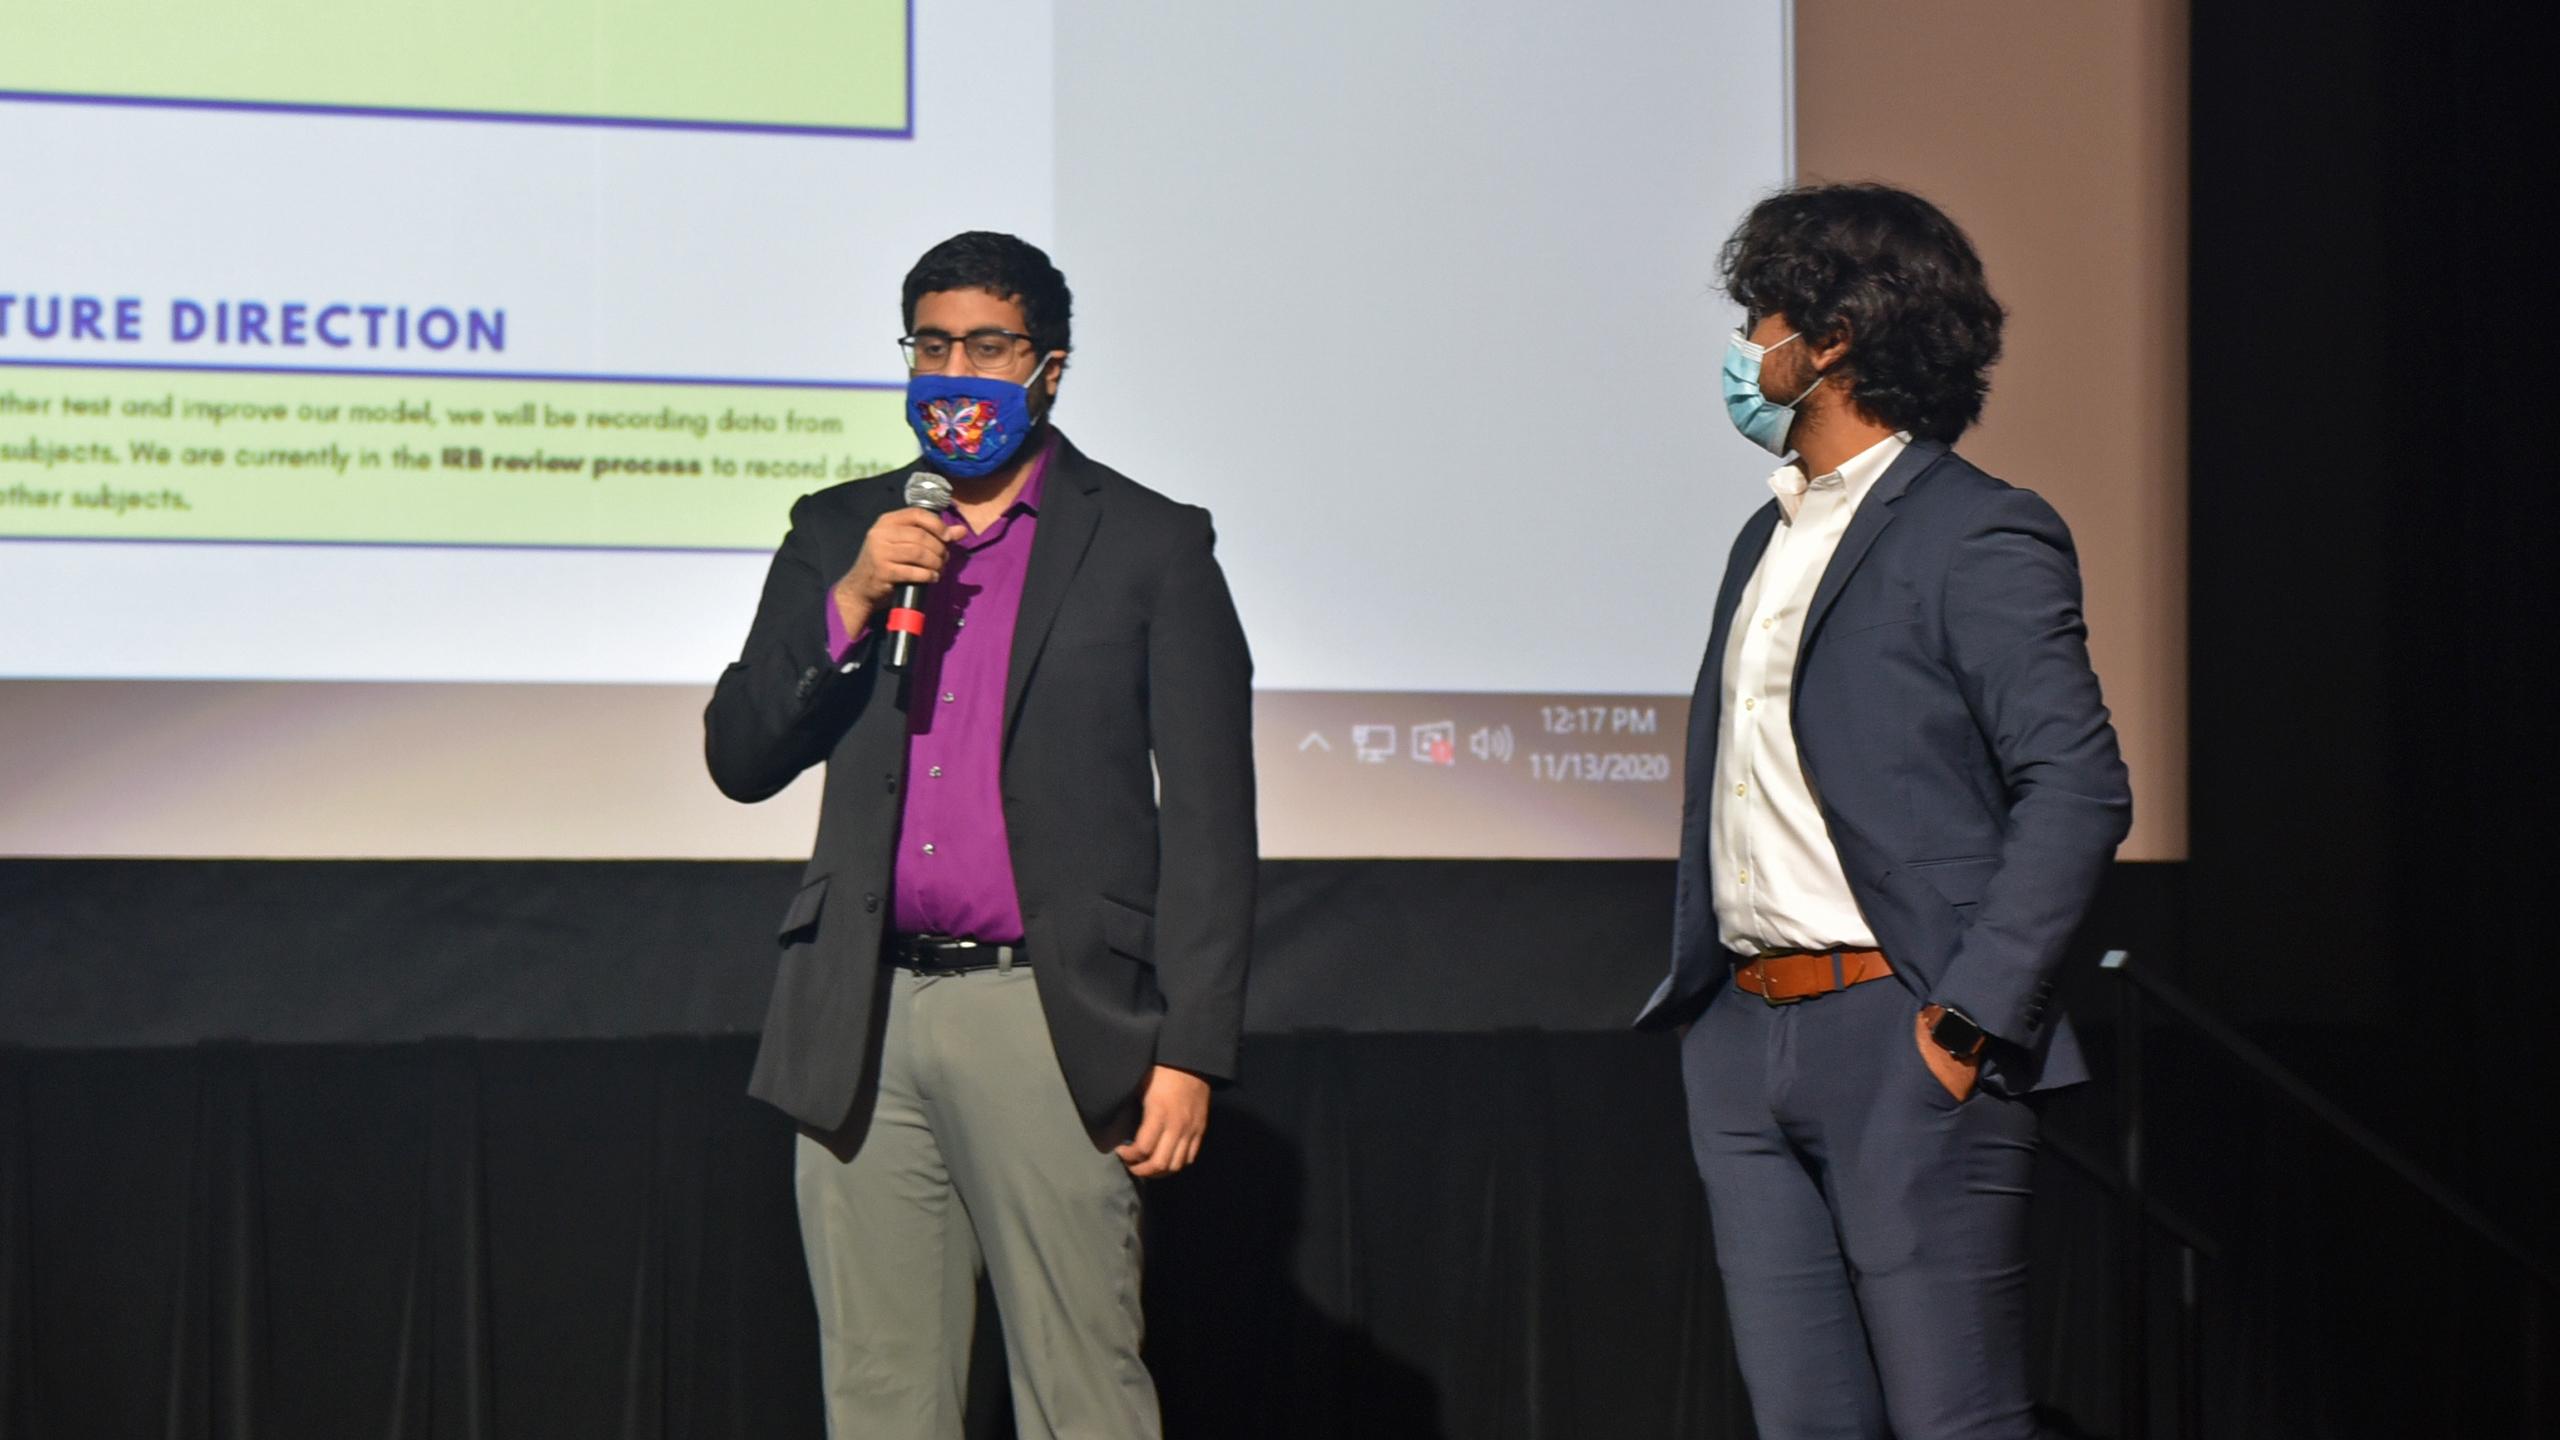 Team NIOSH A giving thier presentation.